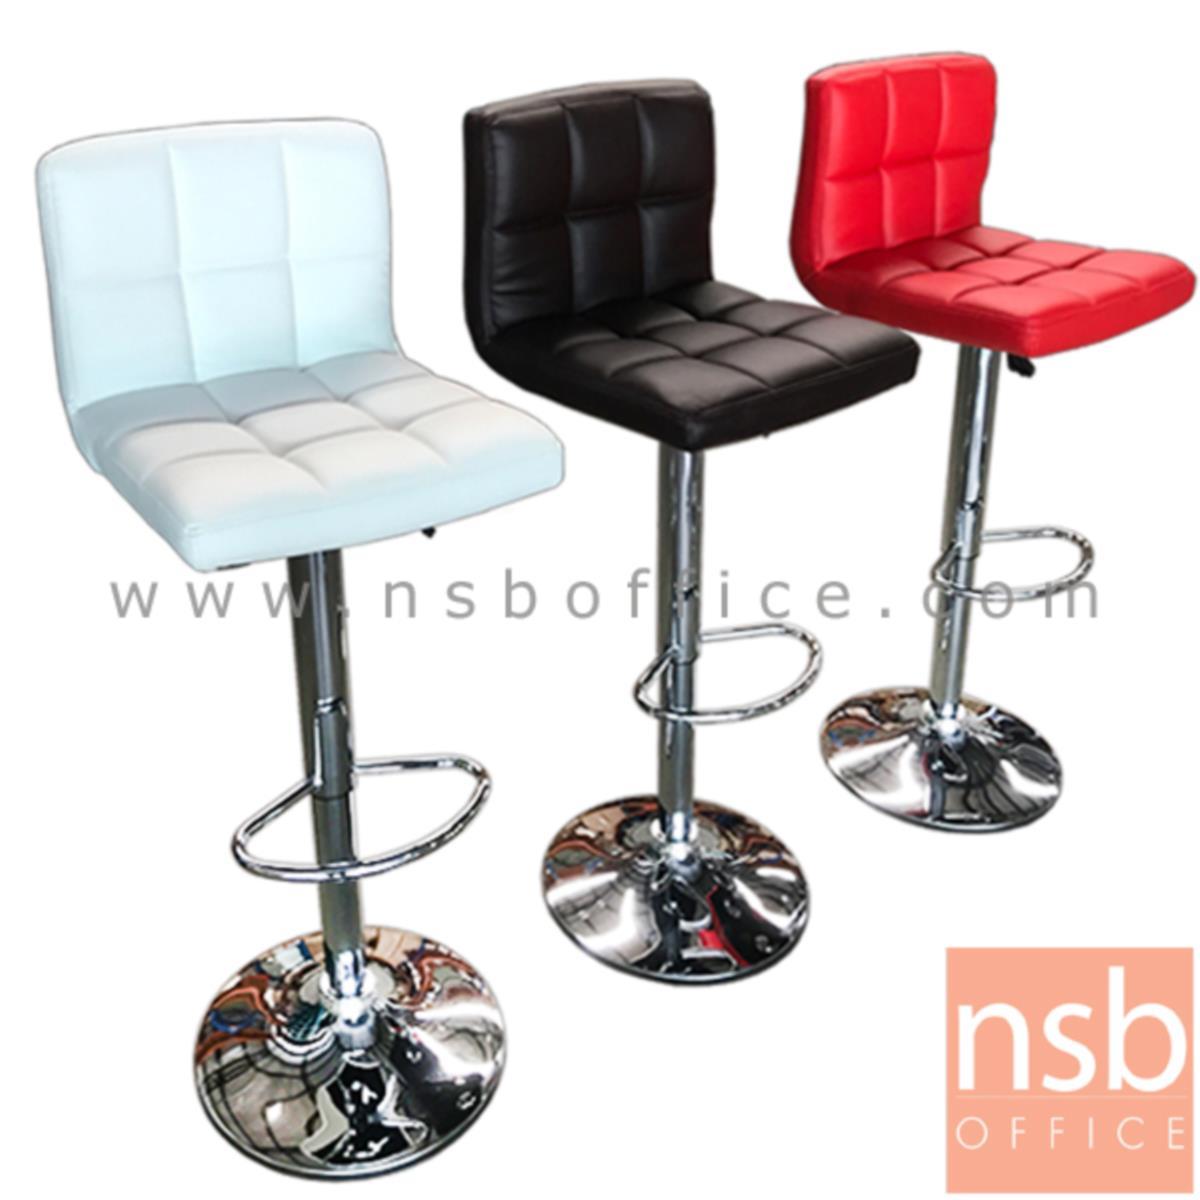 B09A118:เก้าอี้บาร์สูงหนังเทียม รุ่น Levellers (เลเวลเลอร์) ขนาด 41W cm. โช๊คแก๊ส ขาโครเมี่ยมฐานจานกลม